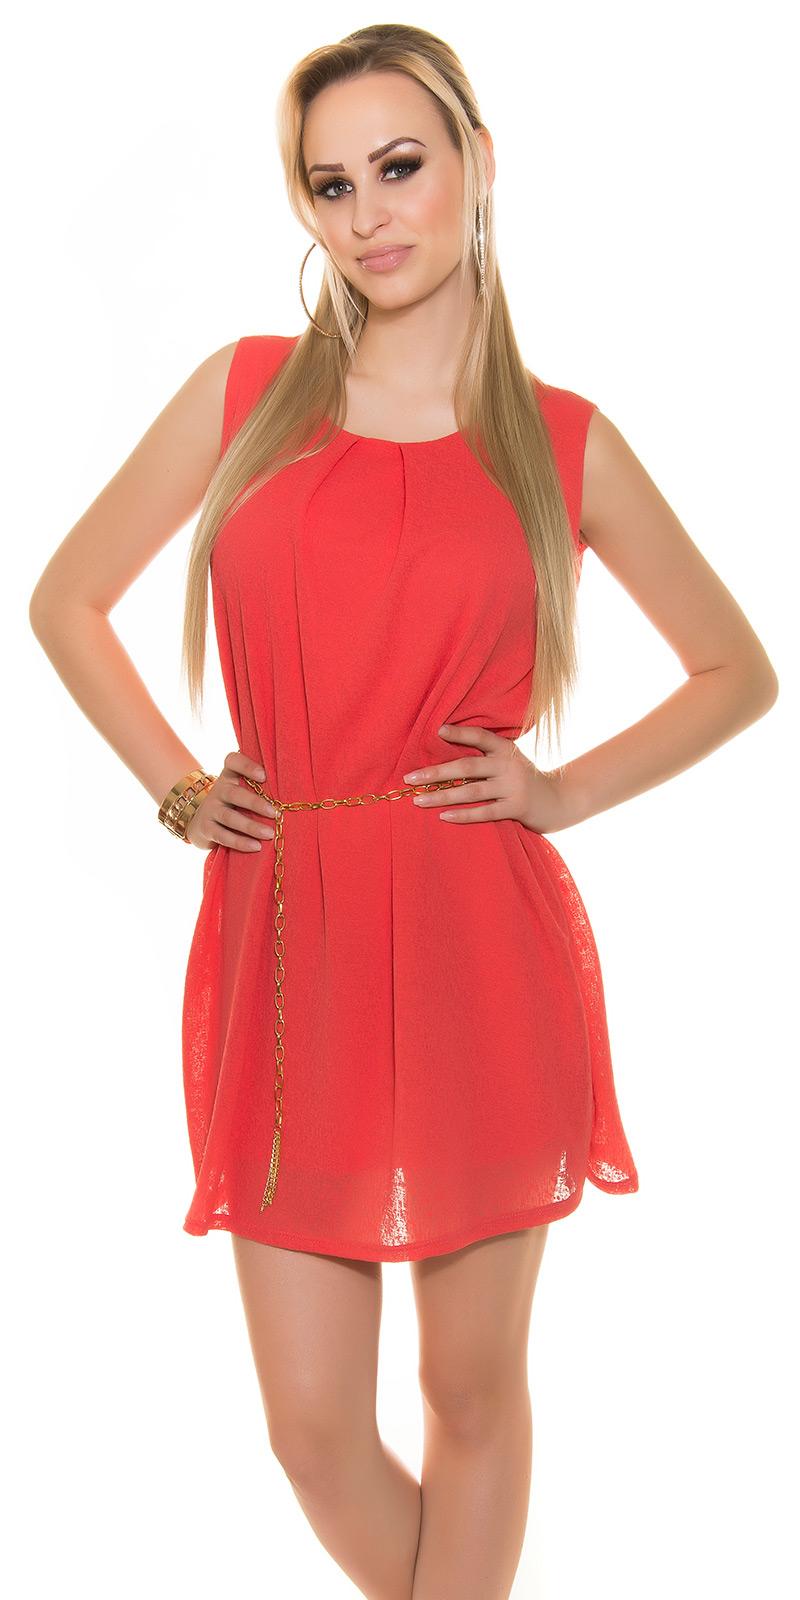 Koucla dámské mini šaty s řetízkem 2067 coral (Dámské šaty)